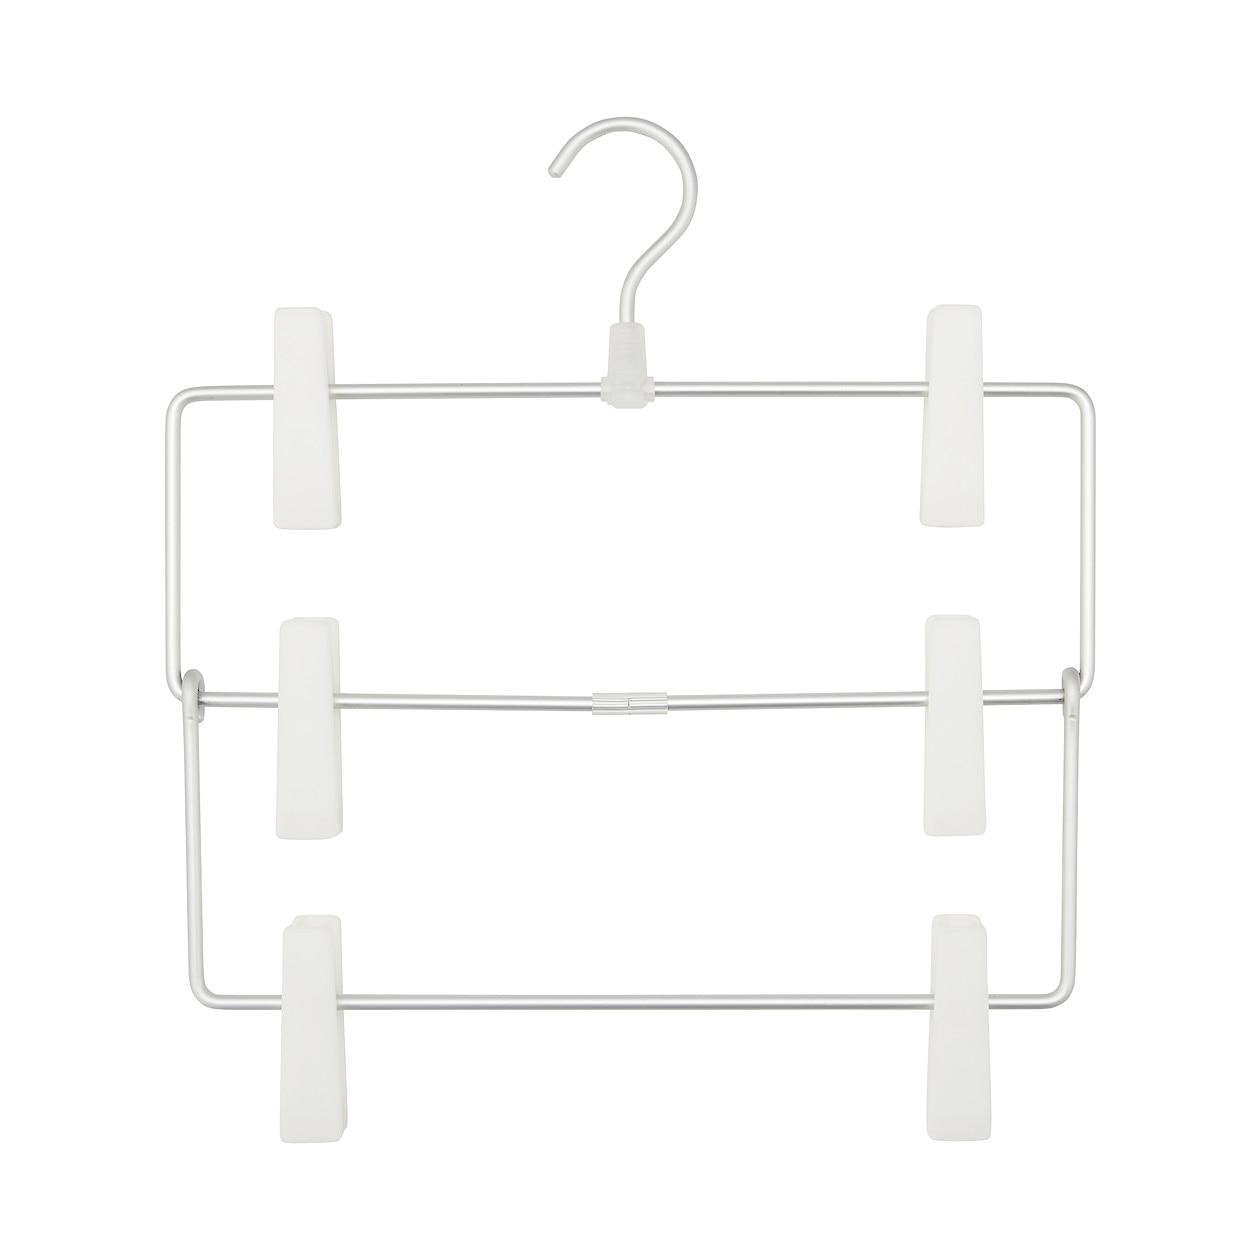 【まとめ買い】アルミハンガー・パンツ/スカート用